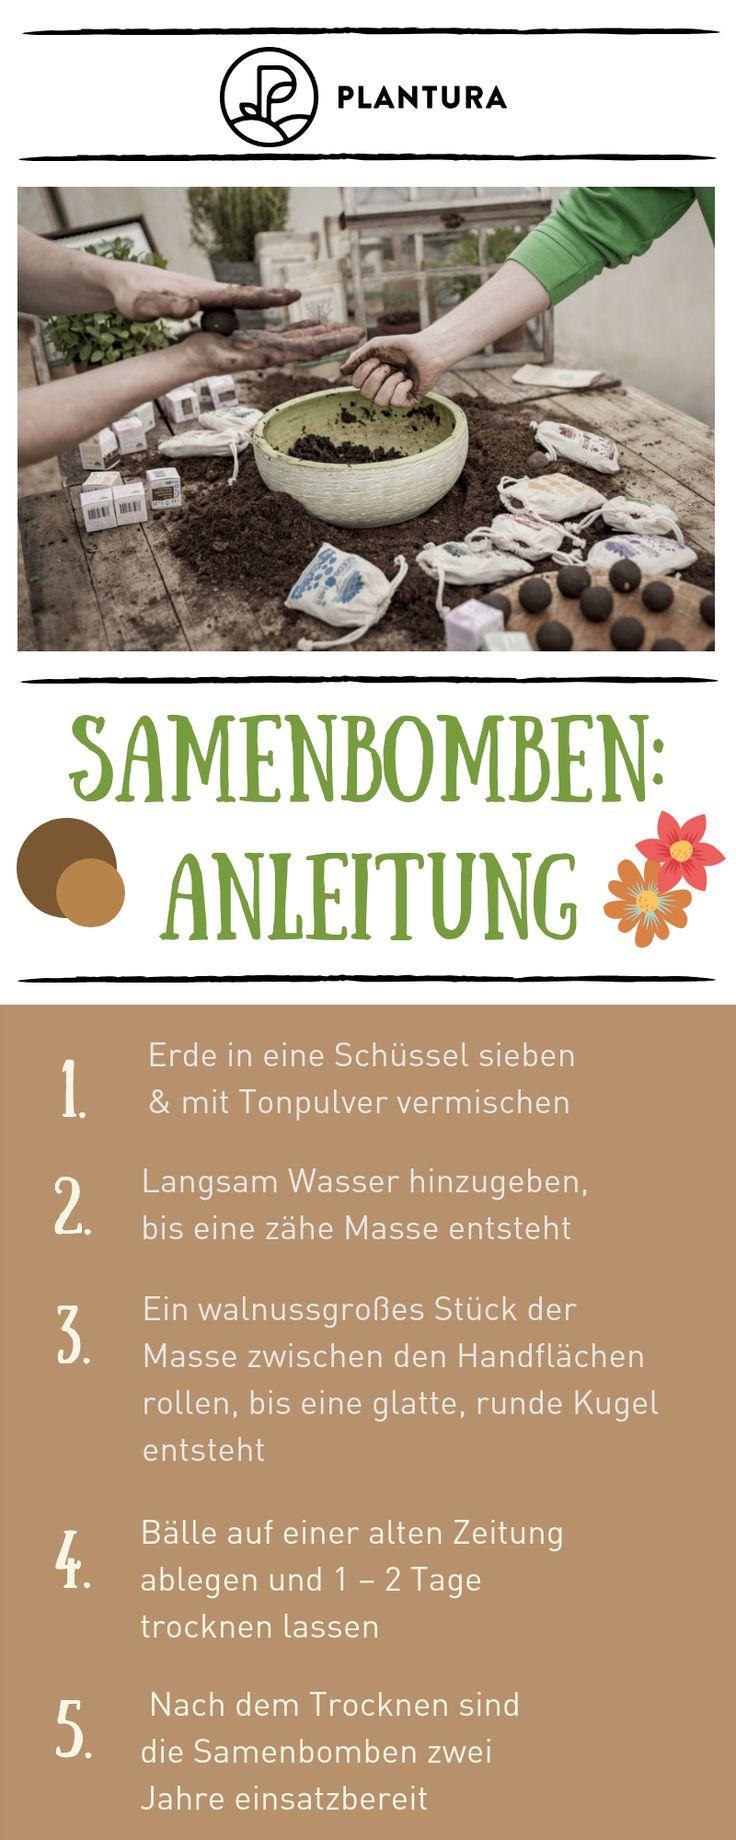 Saatbomben selber bauen: Anleitung für eigene Saatbomben